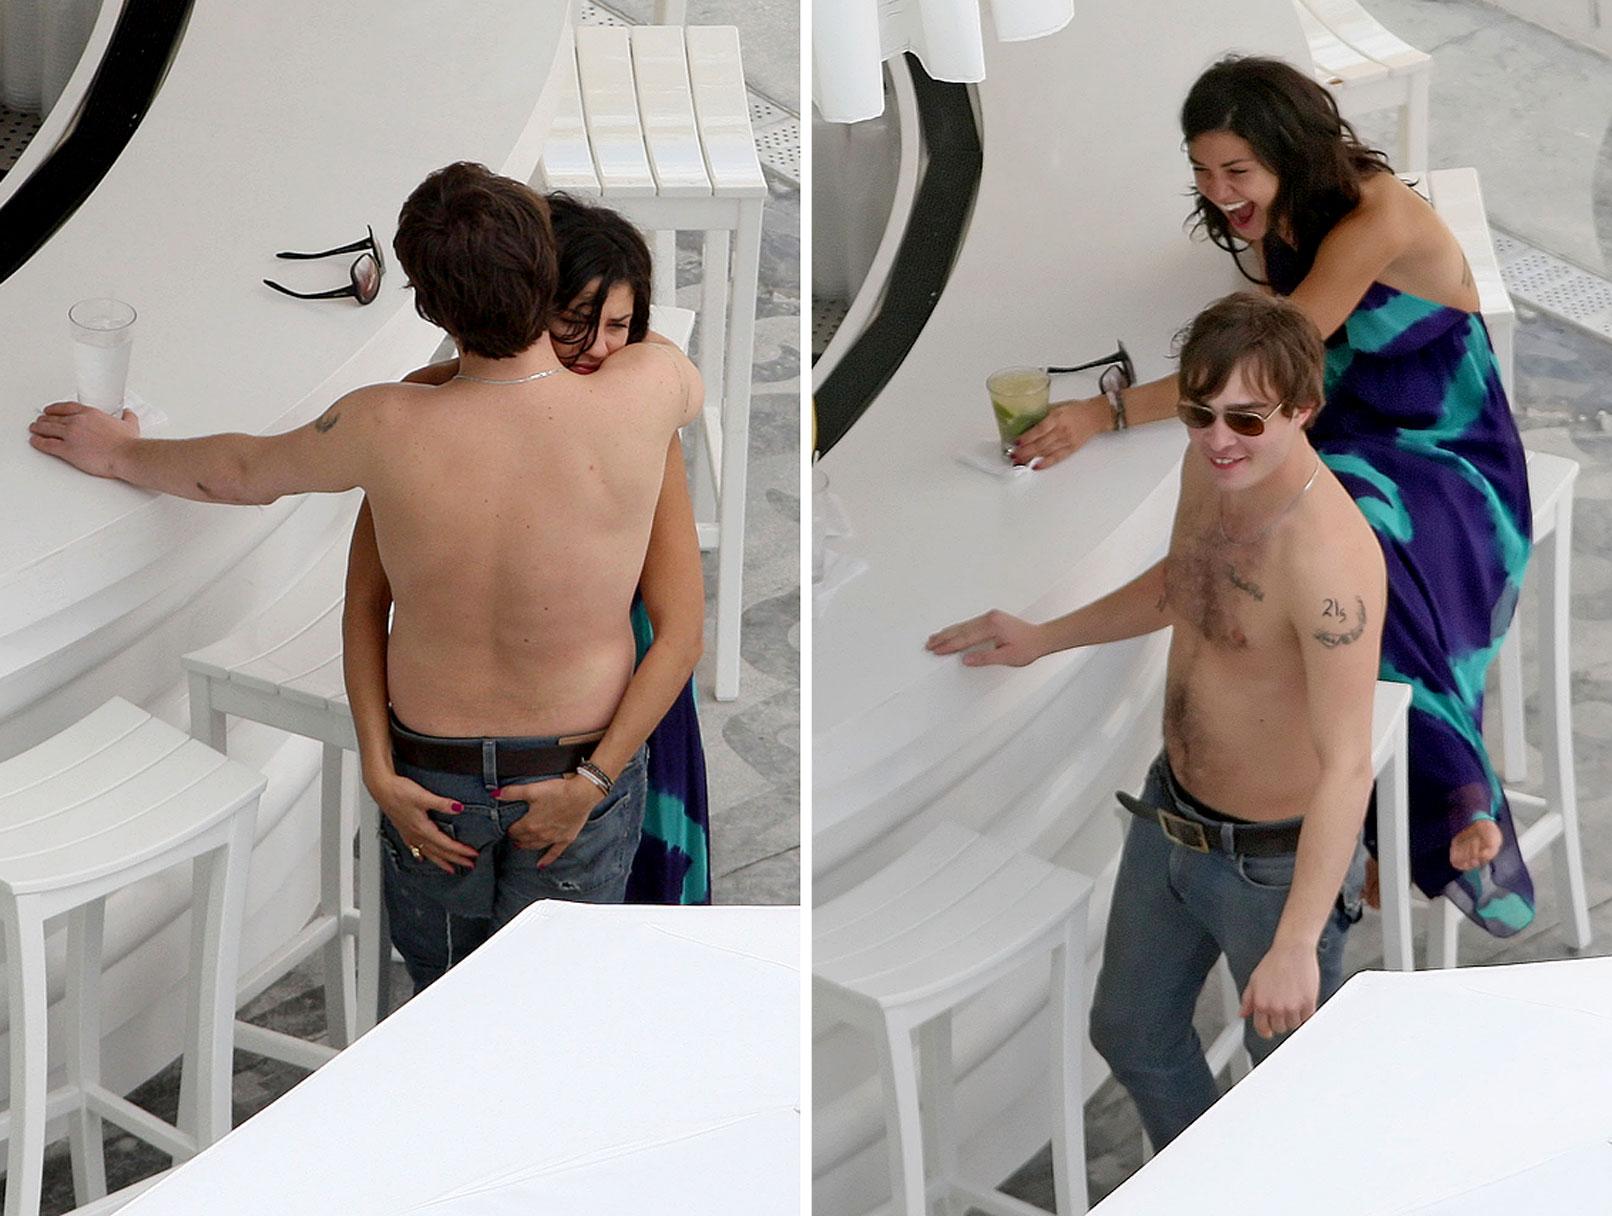 Ed Westwick and Jessica Szohr in Miami